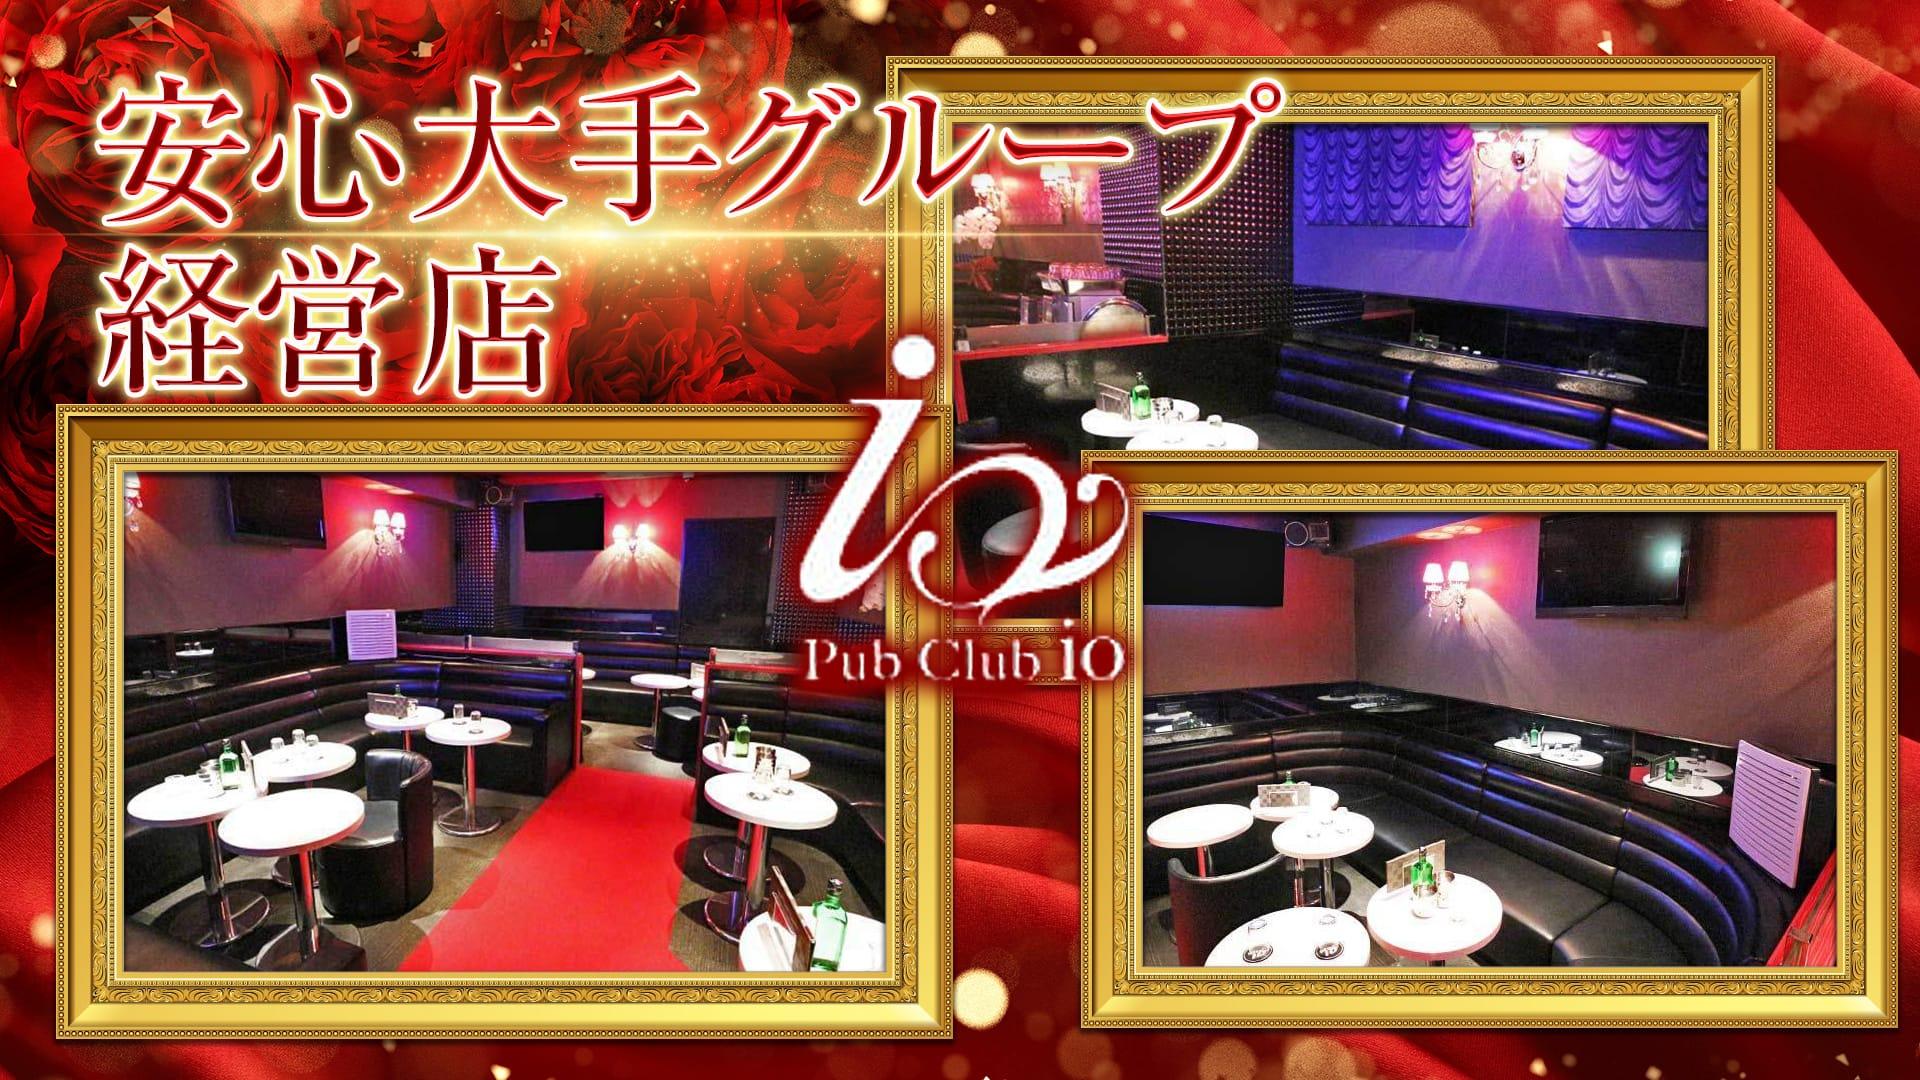 【下北沢】Pub Club io(イオ)【公式求人・体入情報】 下北沢キャバクラ TOP画像